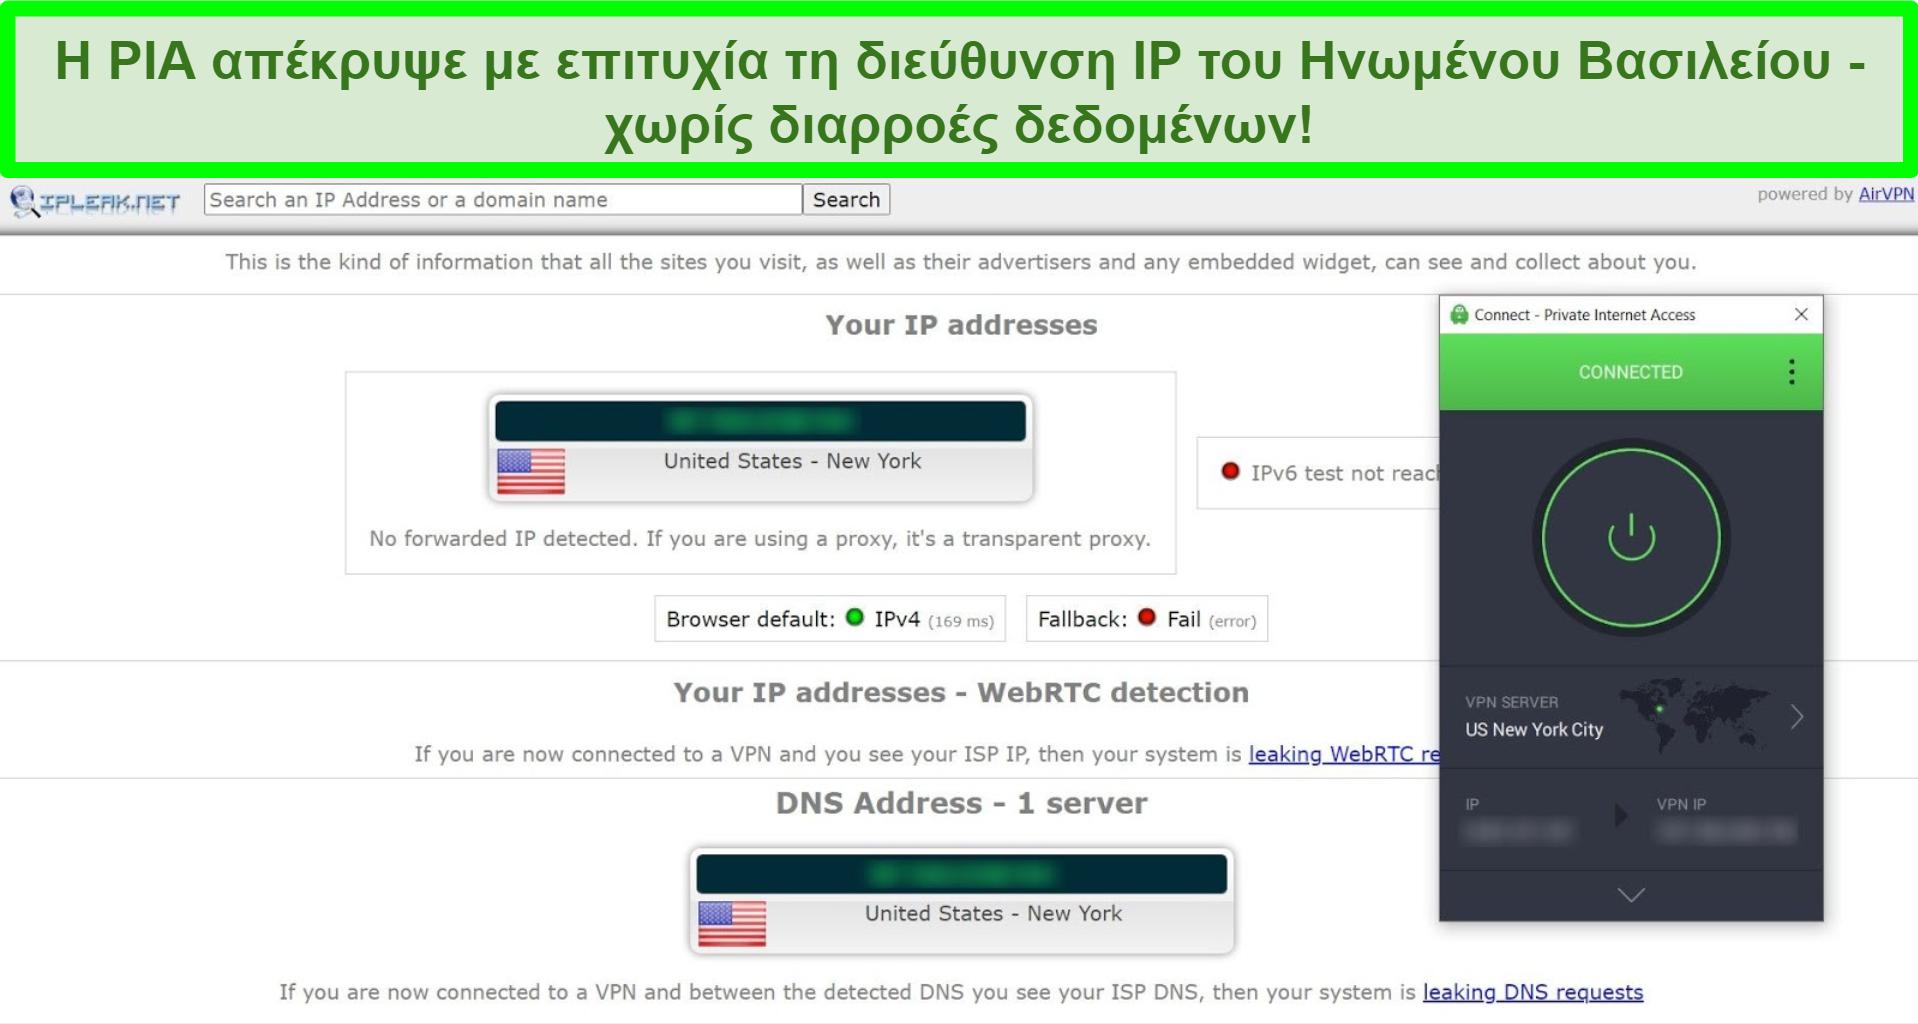 Στιγμιότυπο οθόνης αποτελεσμάτων δοκιμής διαρροής IP με PIA συνδεδεμένο σε διακομιστή ΗΠΑ